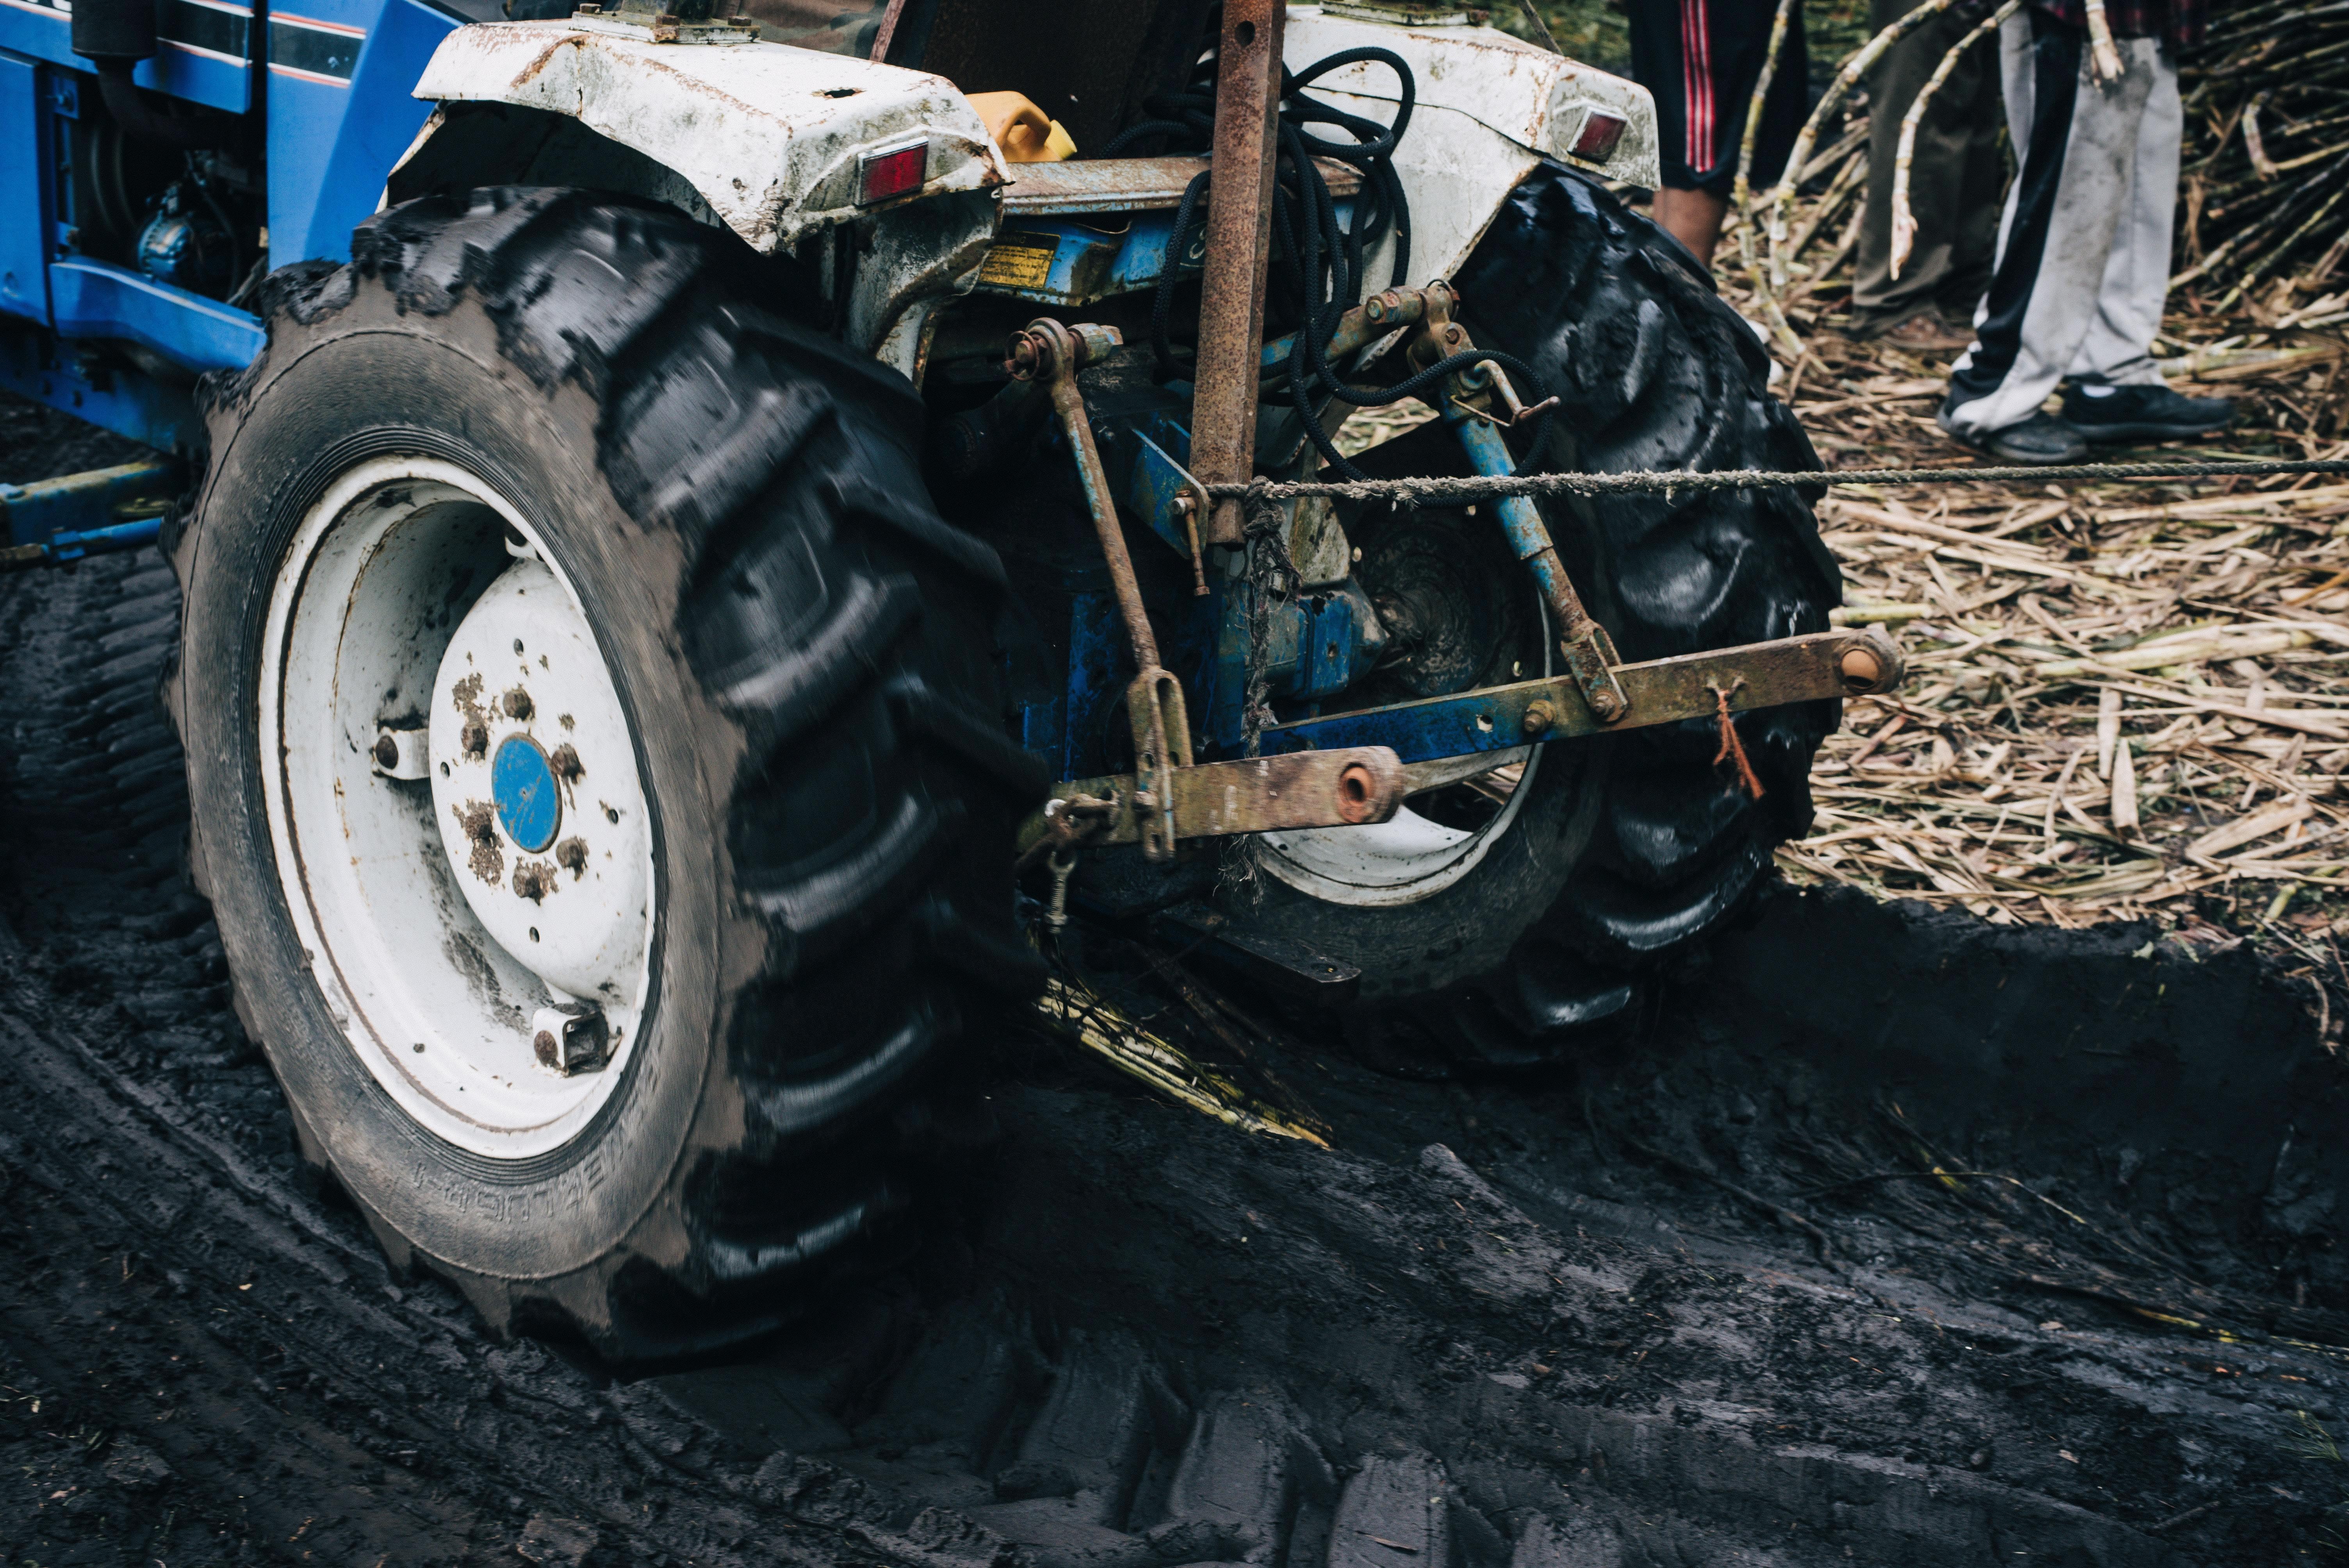 Tires equipment